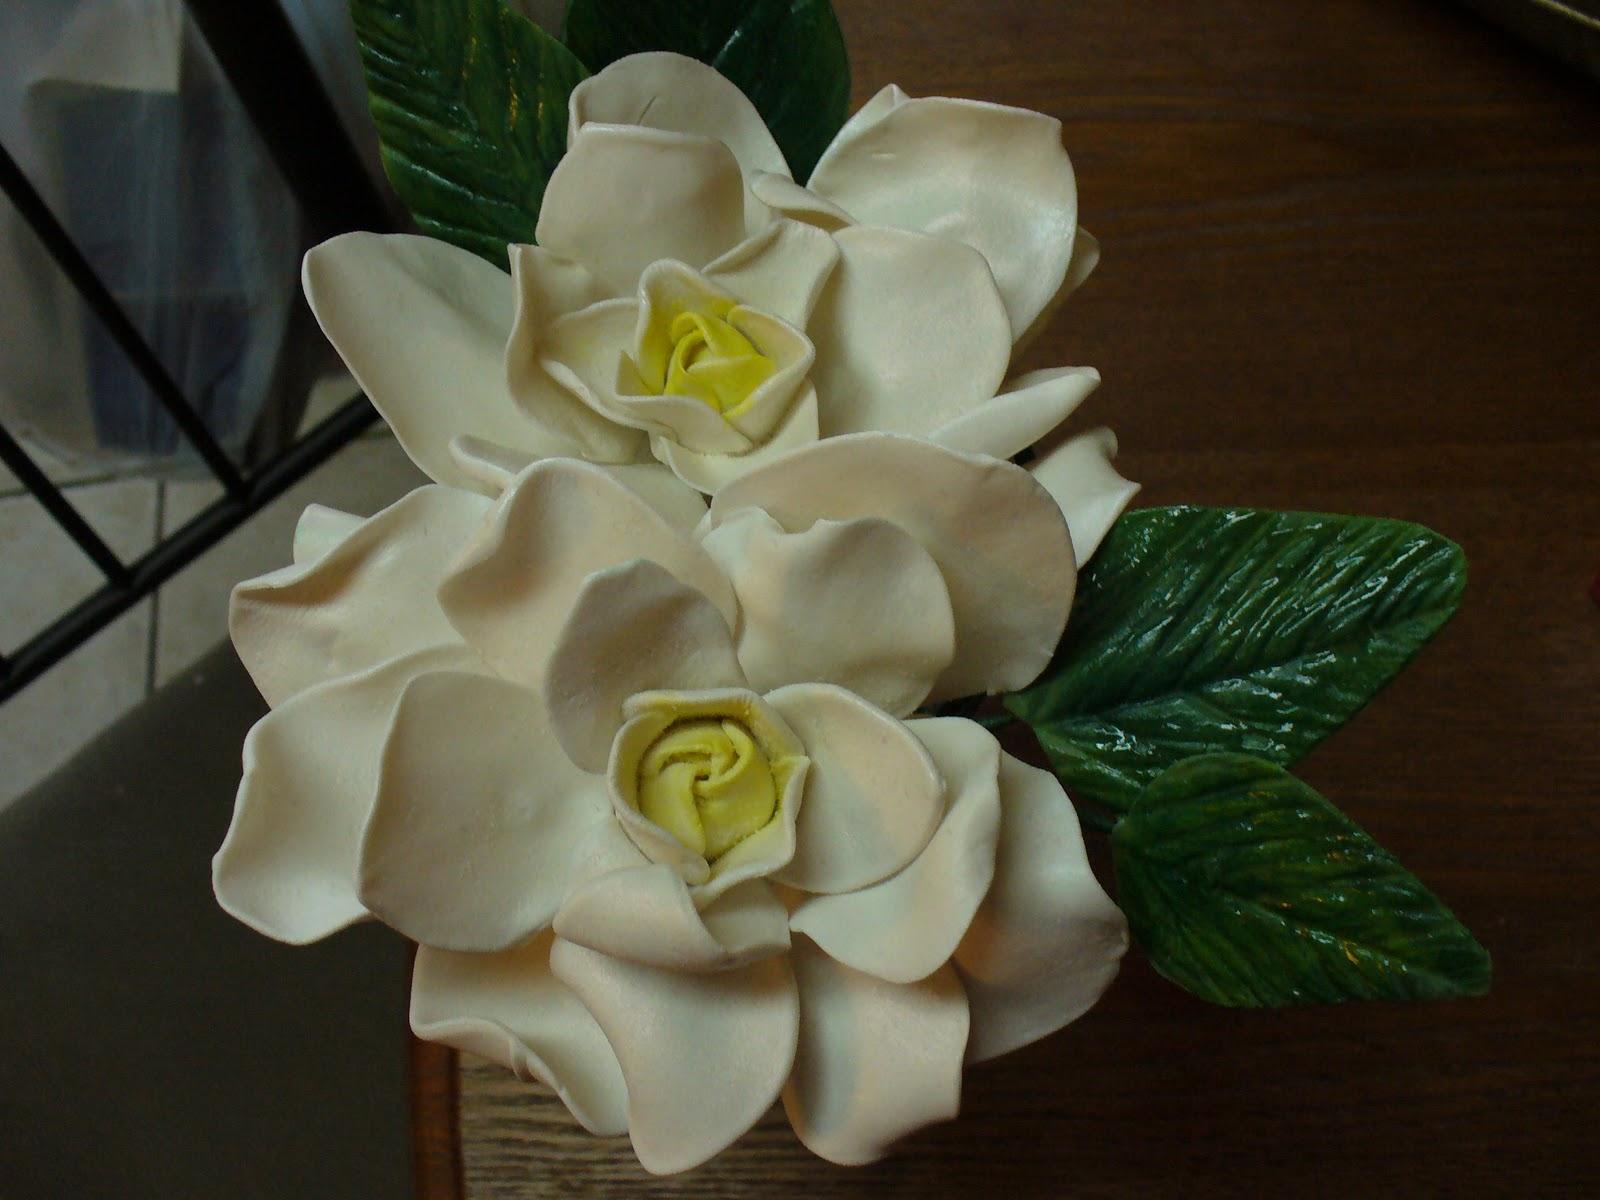 Gumpaste gardenia tutorial gumpaste gardenia tutorial gumpaste gardenia tutorial izmirmasajfo